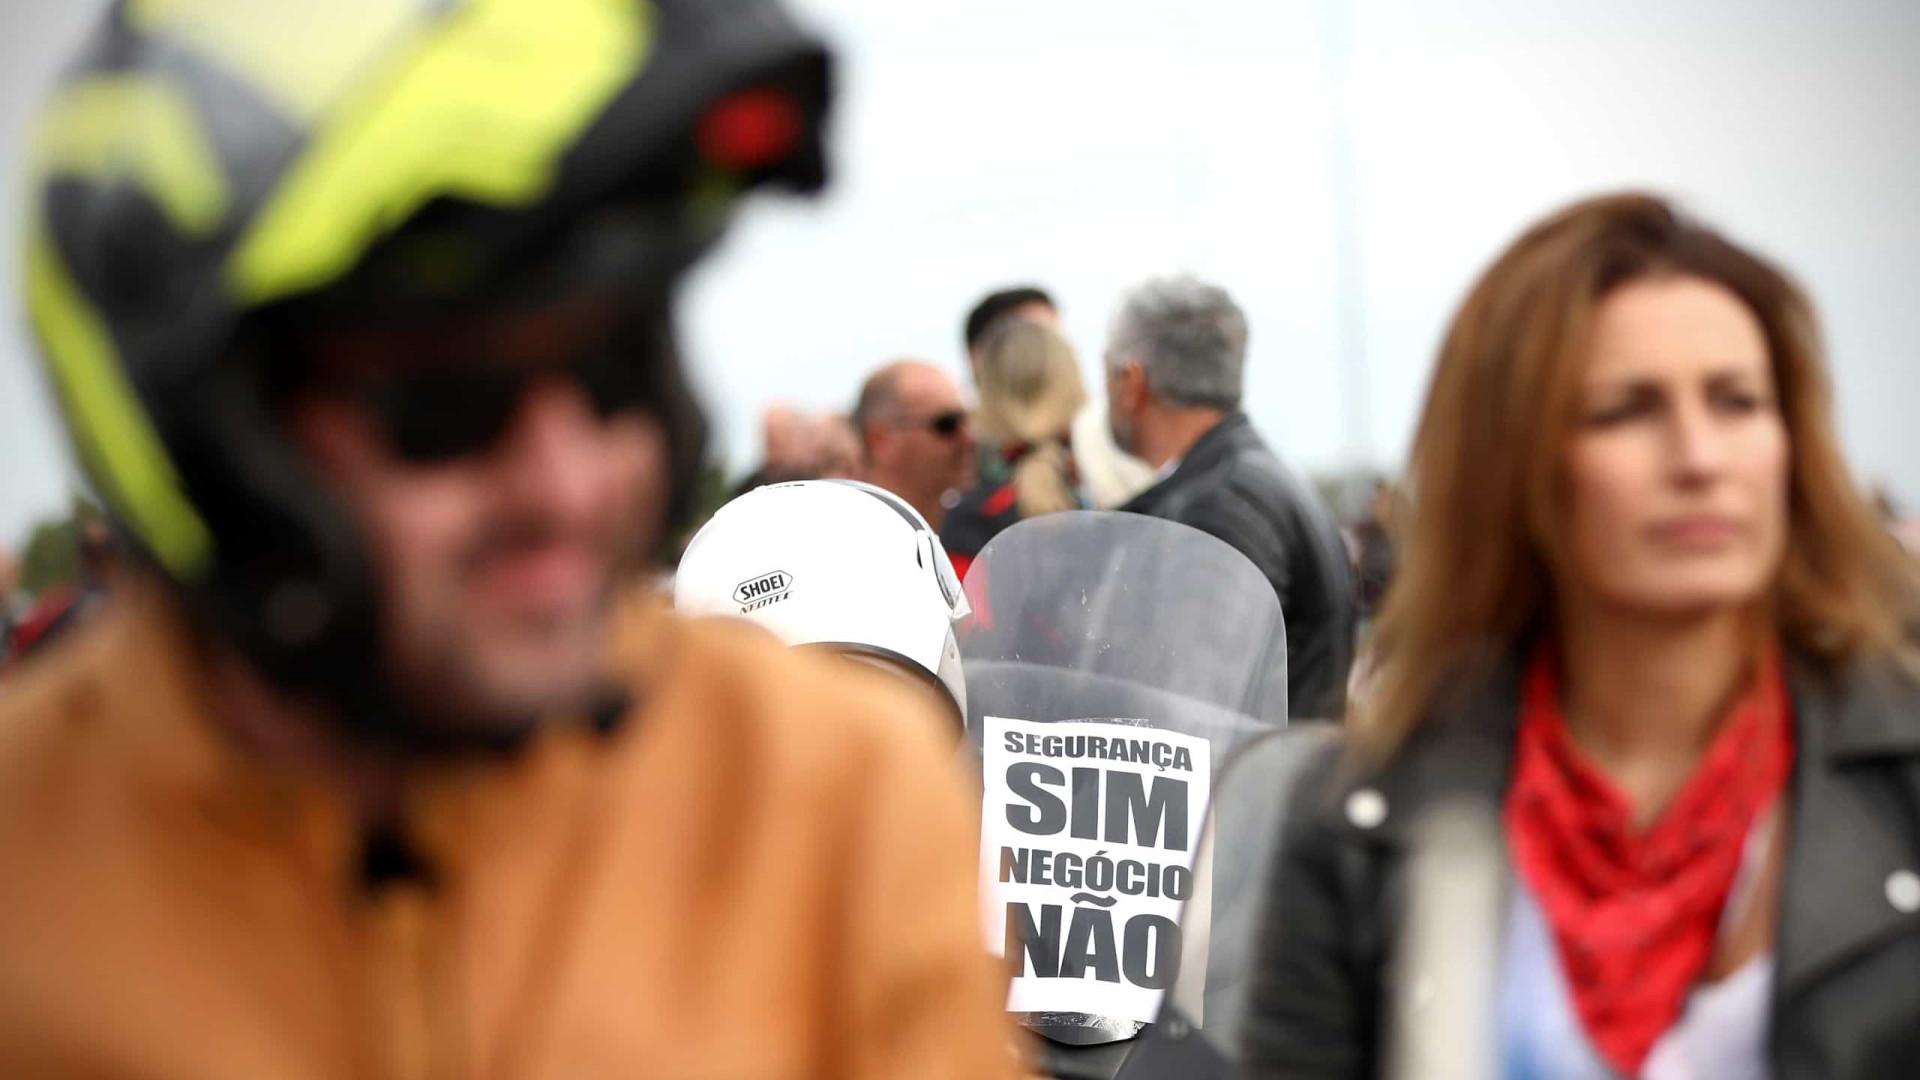 Cerca de 3 mil motociclistas protestam no Porto contra inspeções